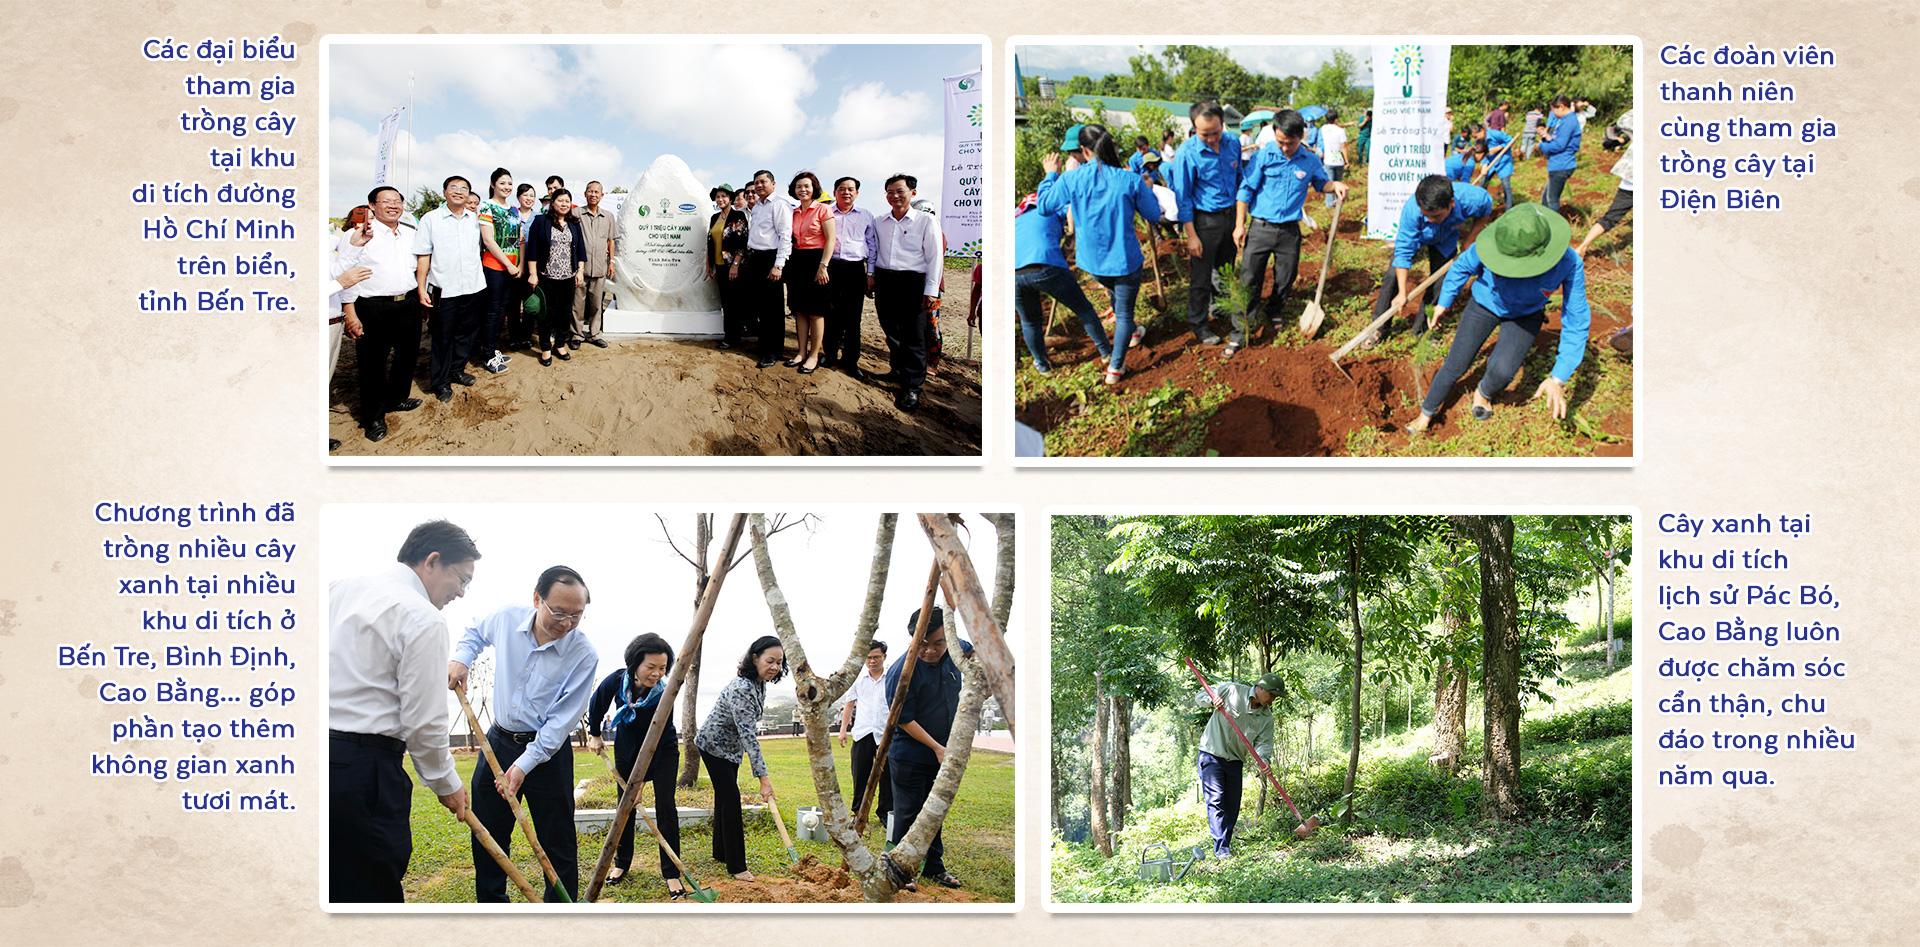 Triệu cây vươn cao - Hành trình xanh khởi đầu tương lai xanh - Ảnh 13.